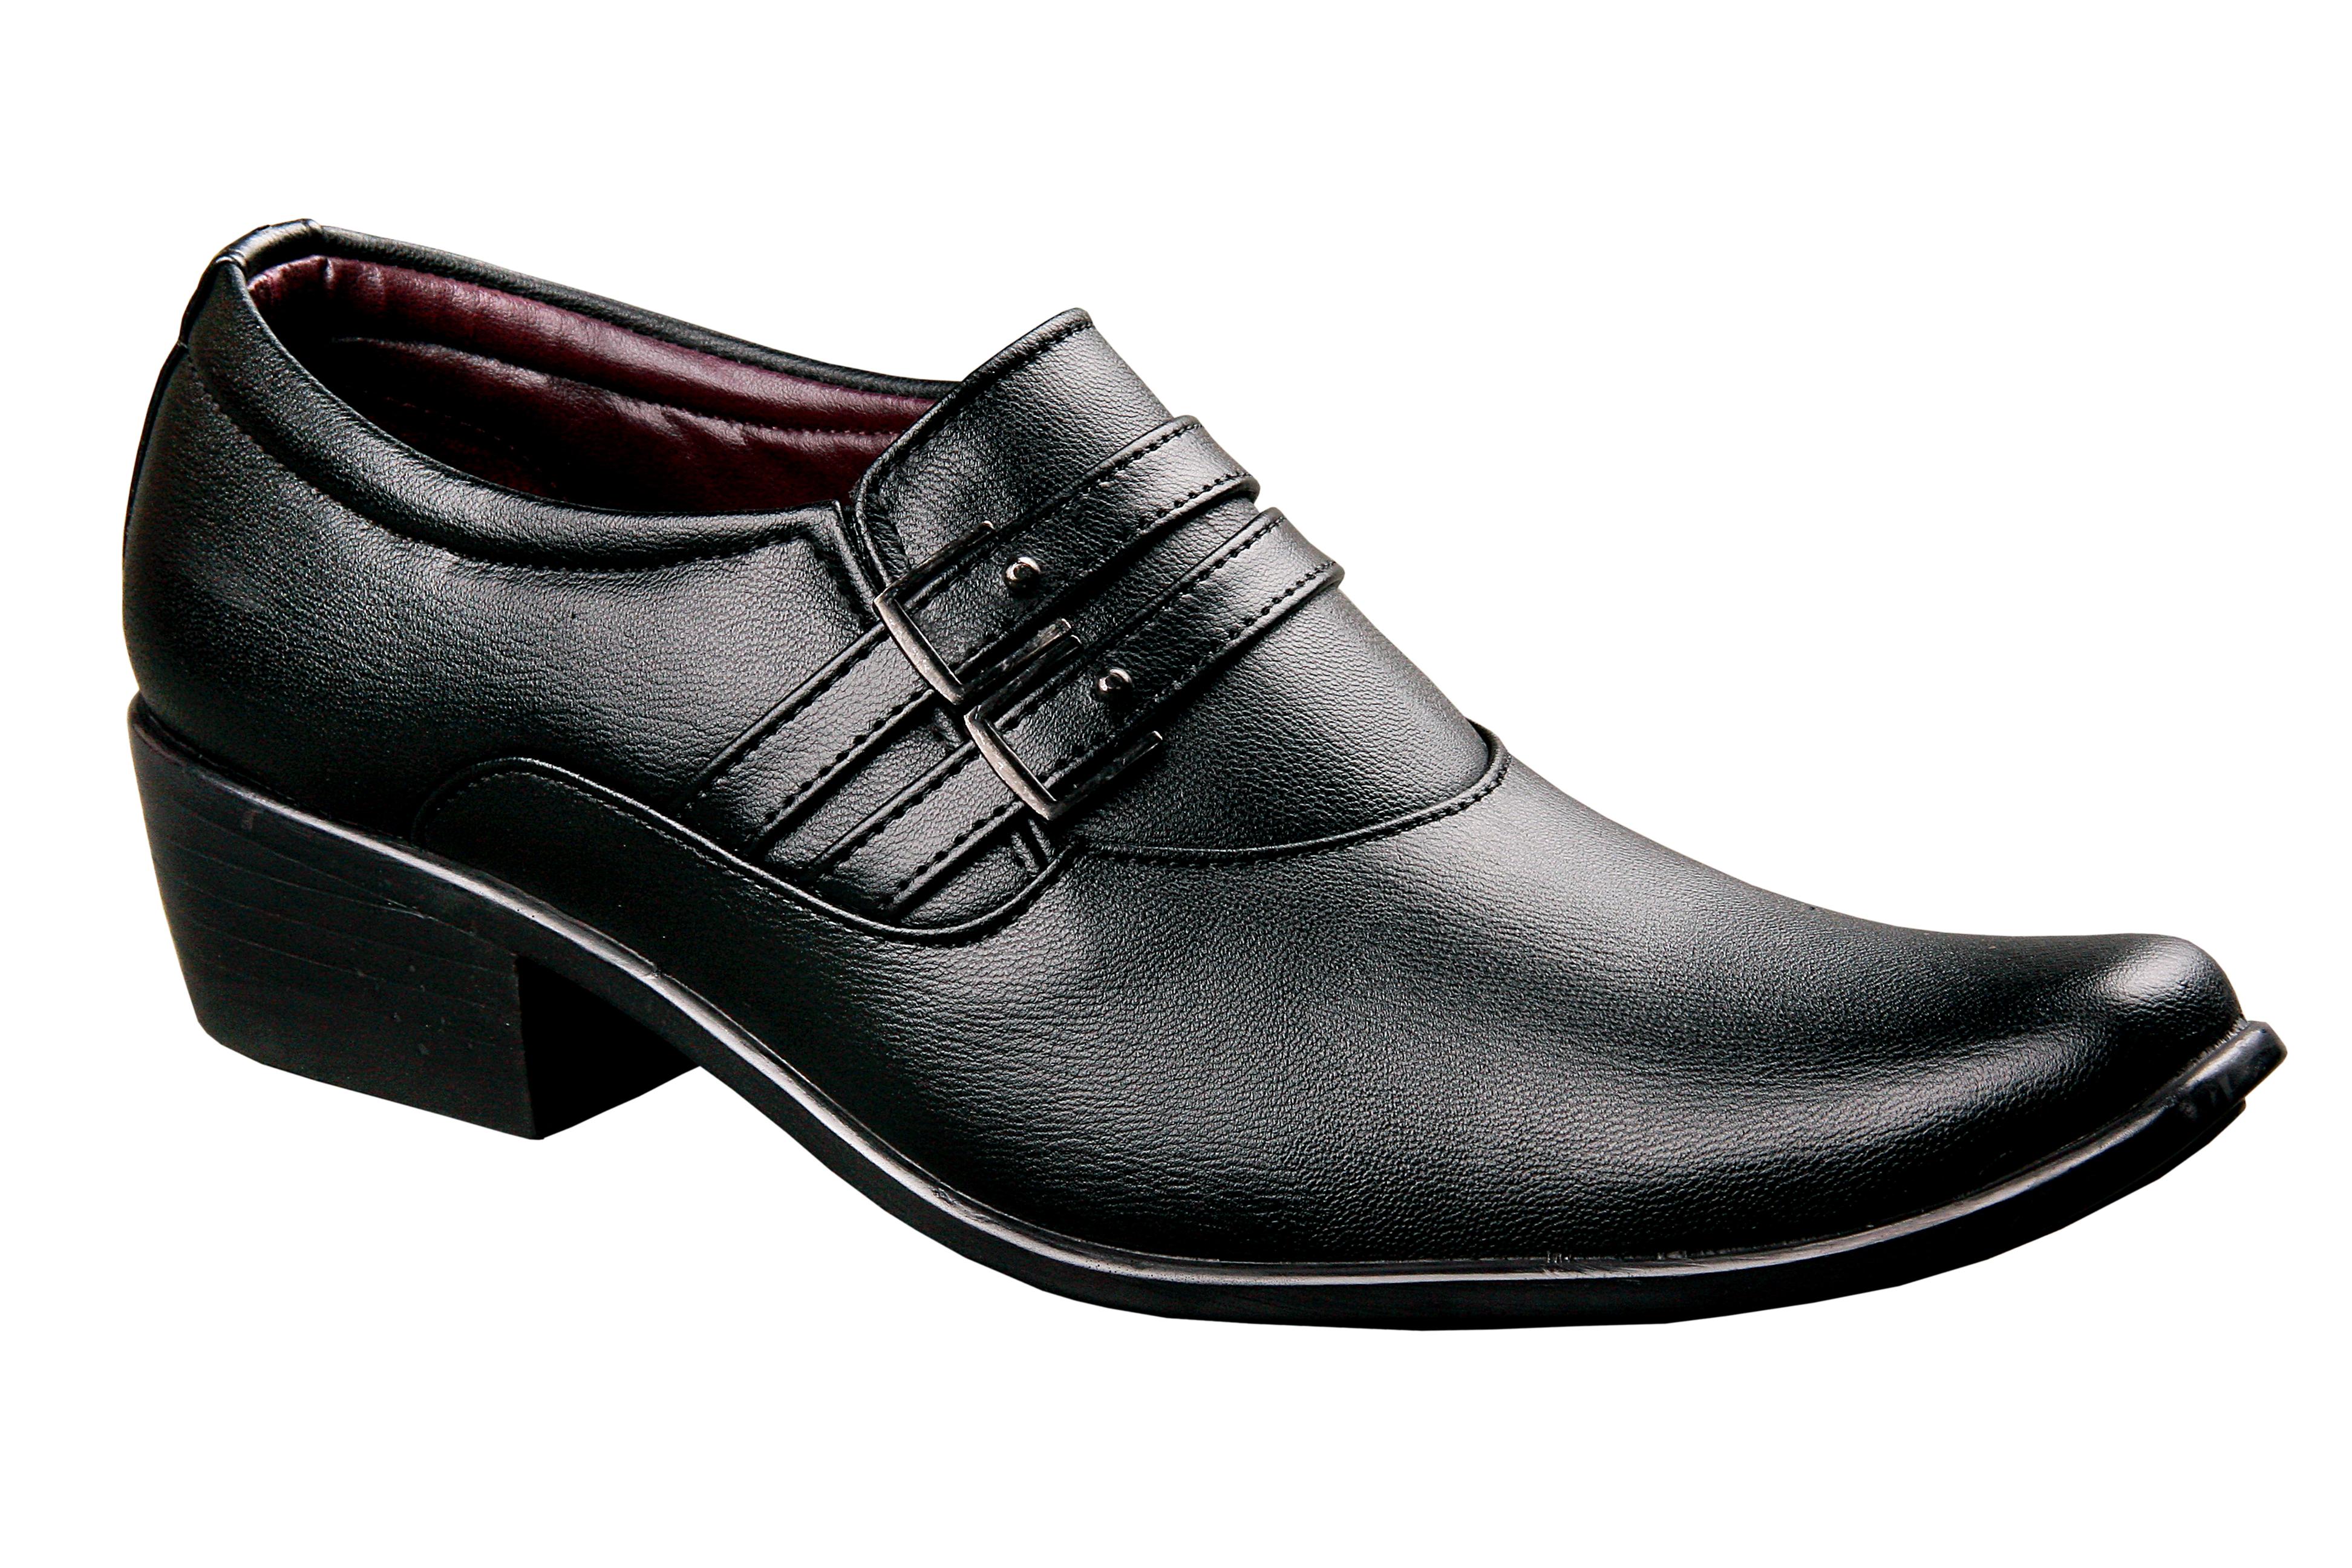 Men's Shoes Clipart - Clipart Kid